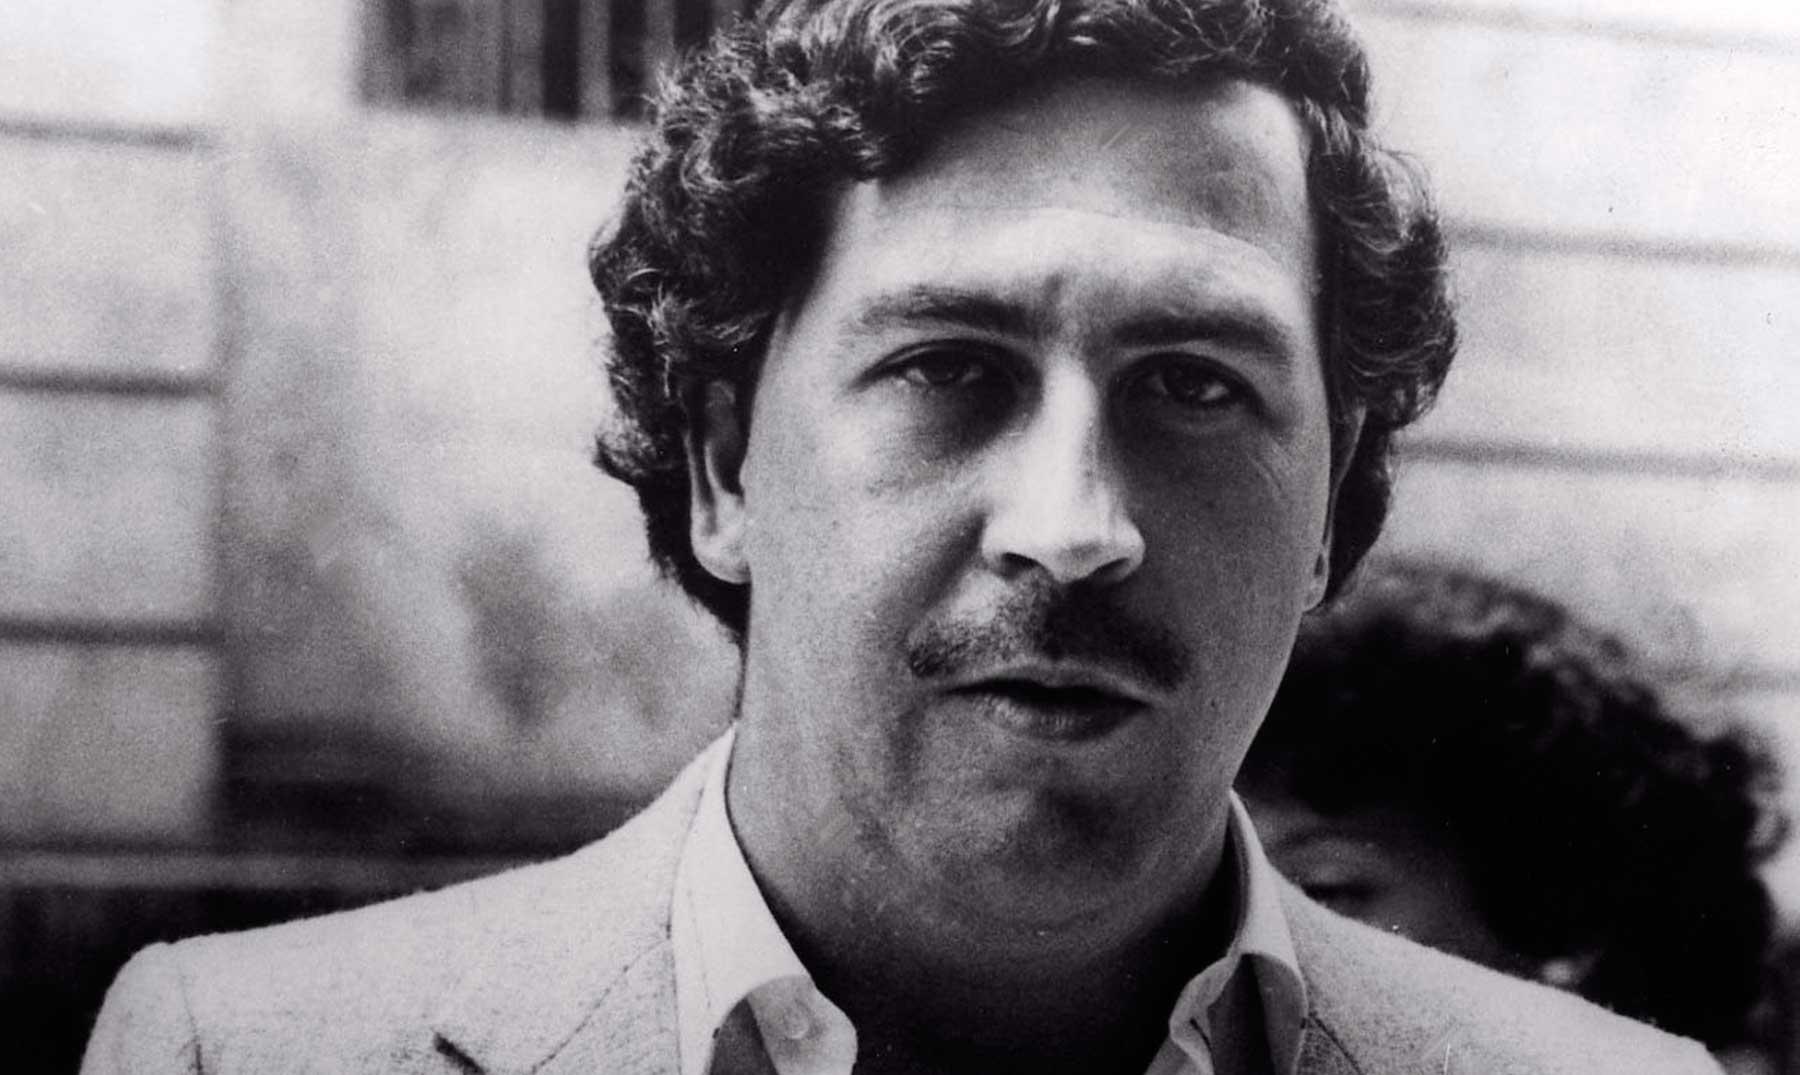 40 Frases De Pablo Escobar El Narco Por Excelencia Con Imágenes